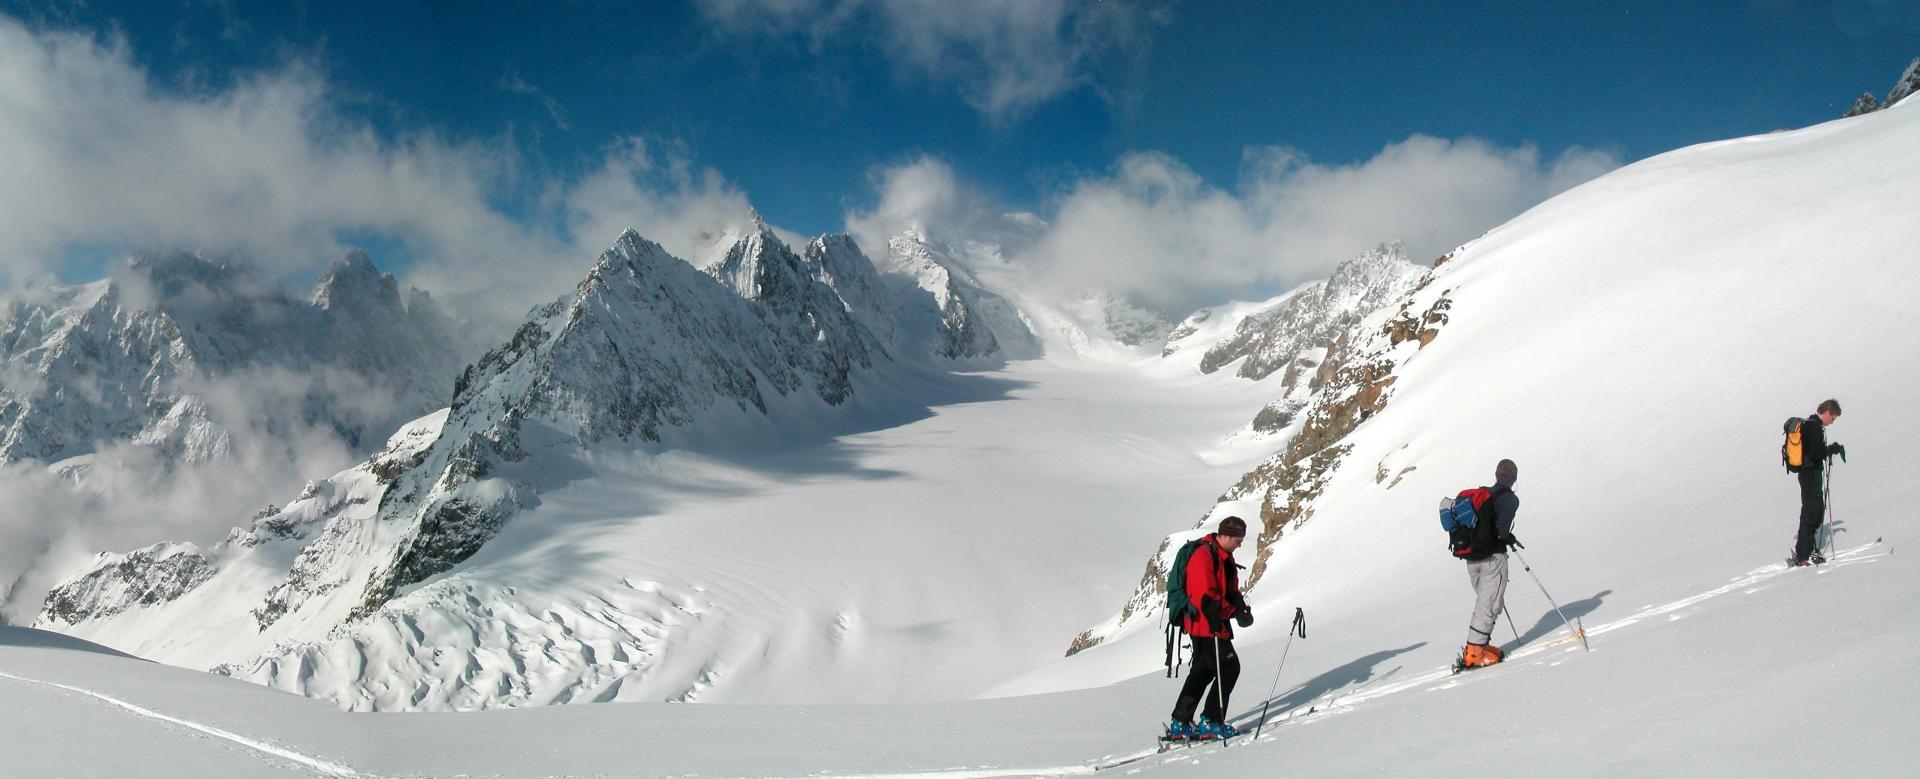 Voyage à pied : La haute route des ecrins à ski